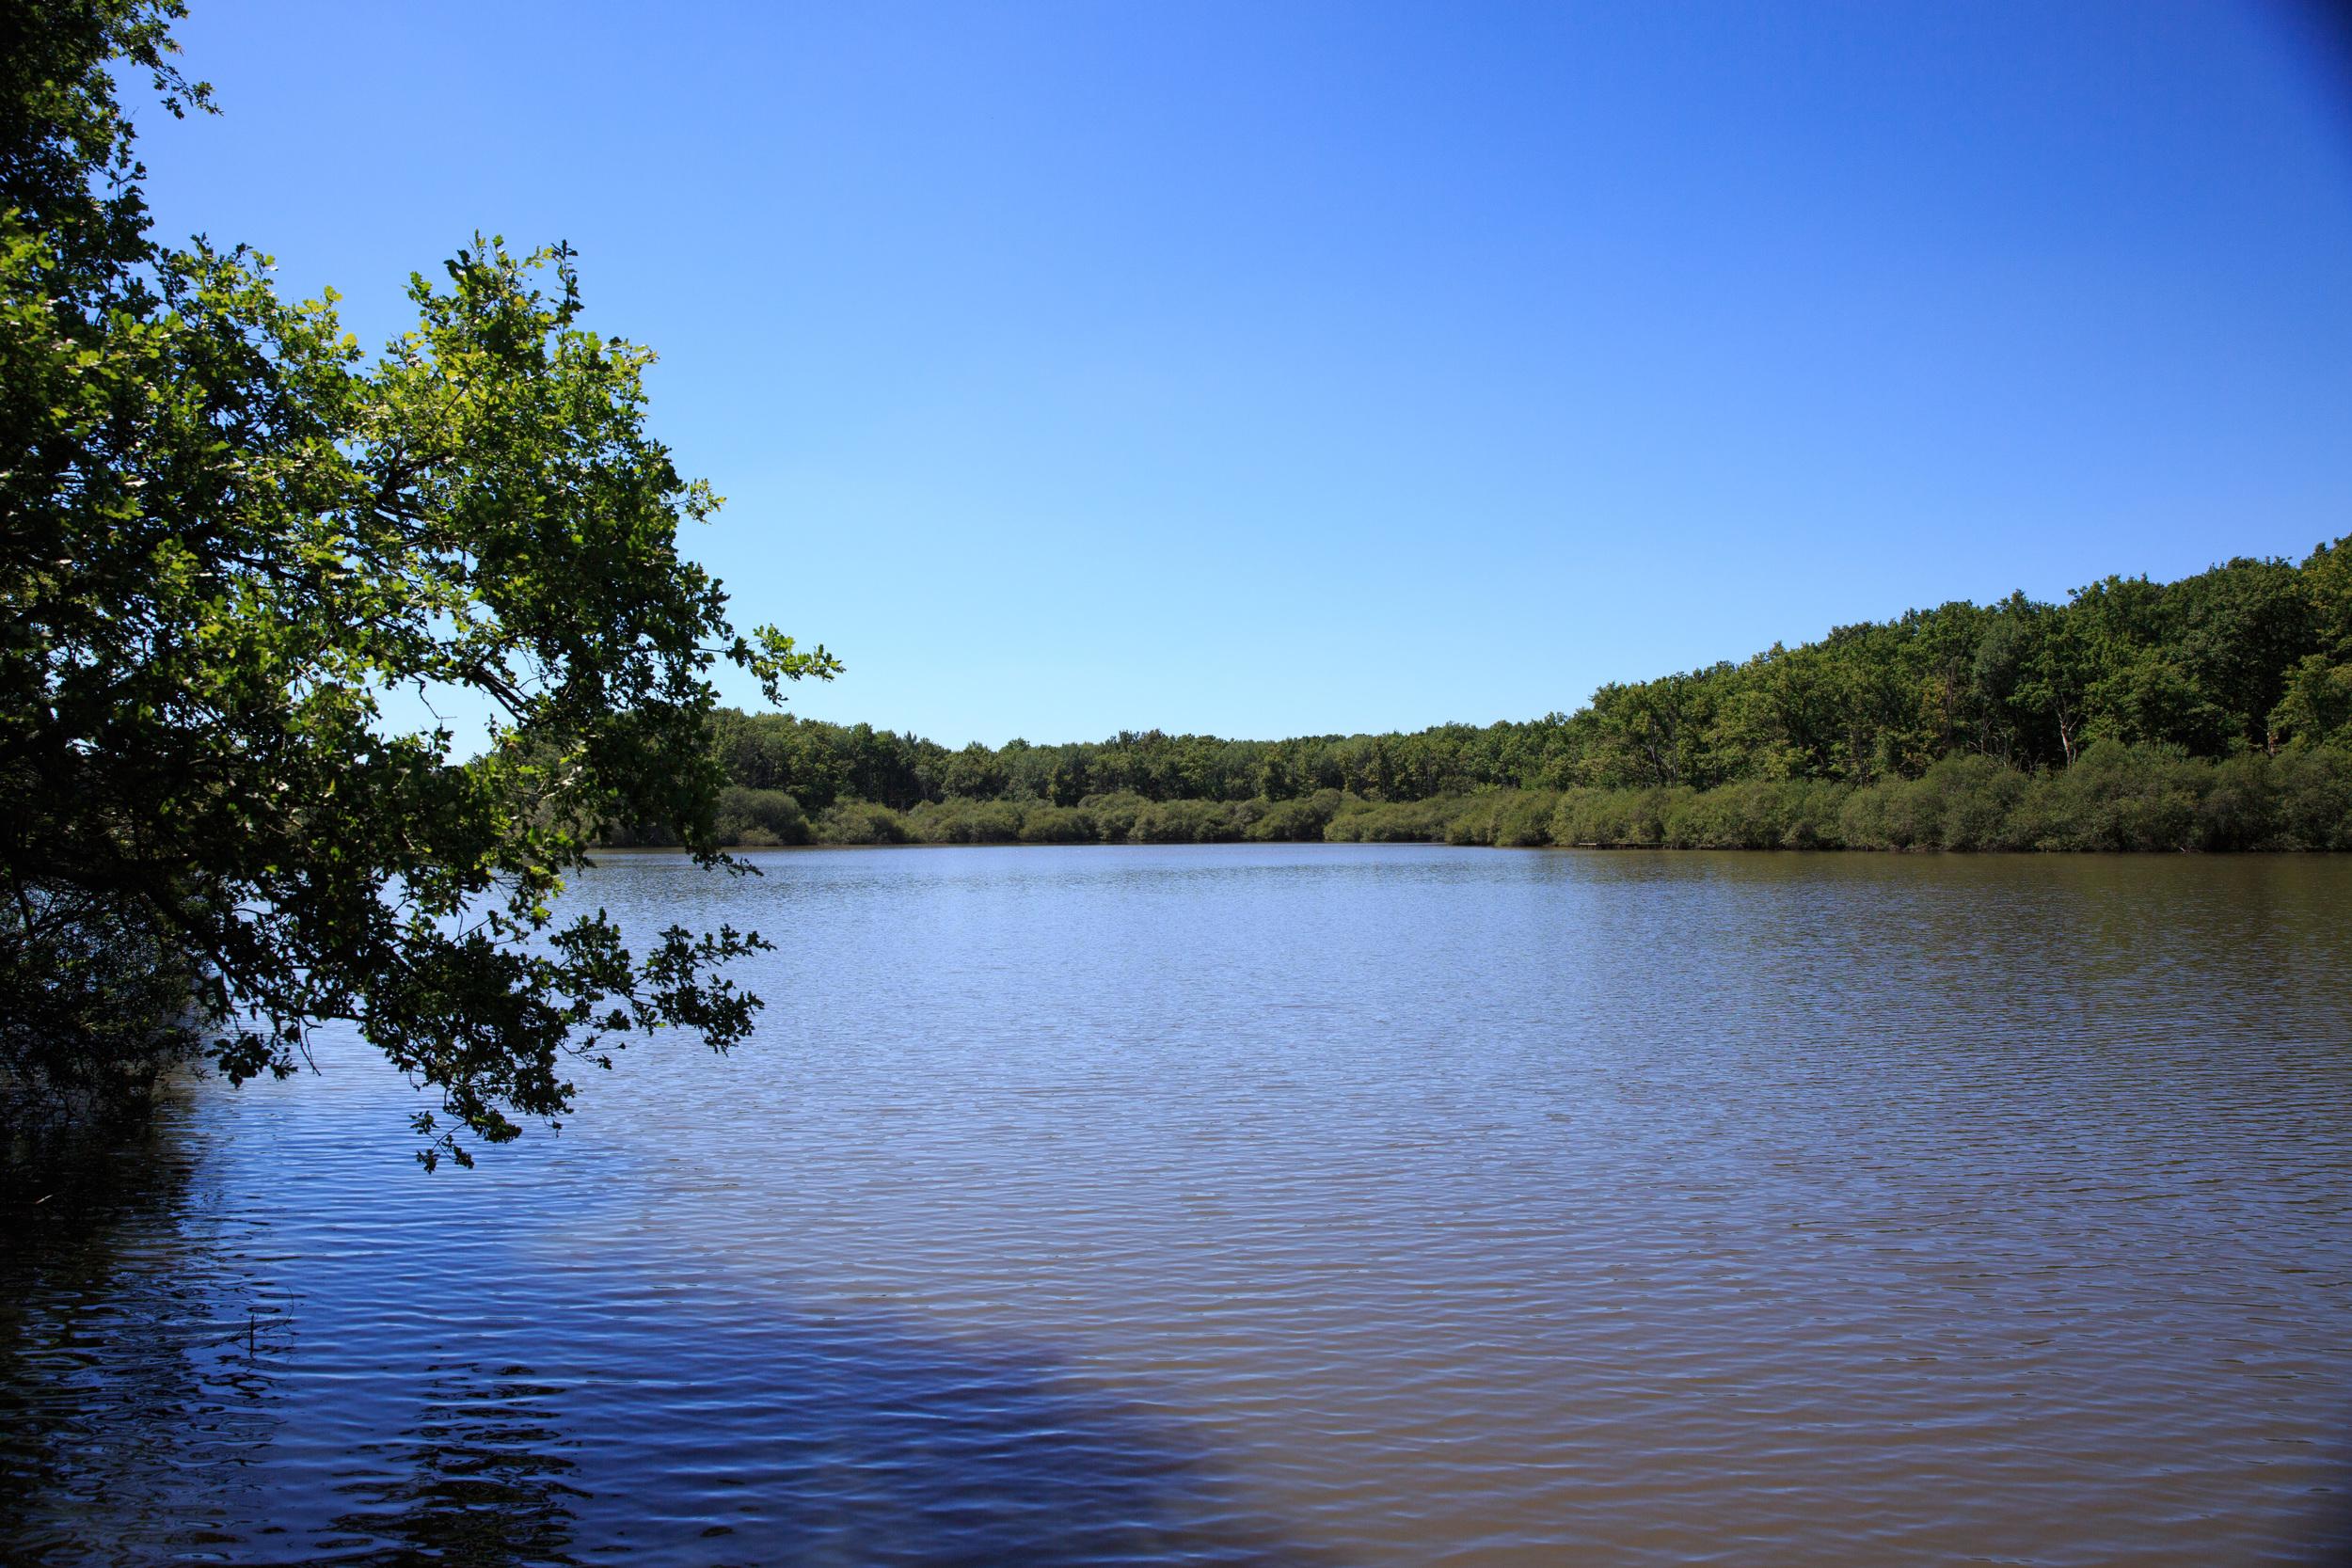 Lake-Meillant-2013_145.jpg